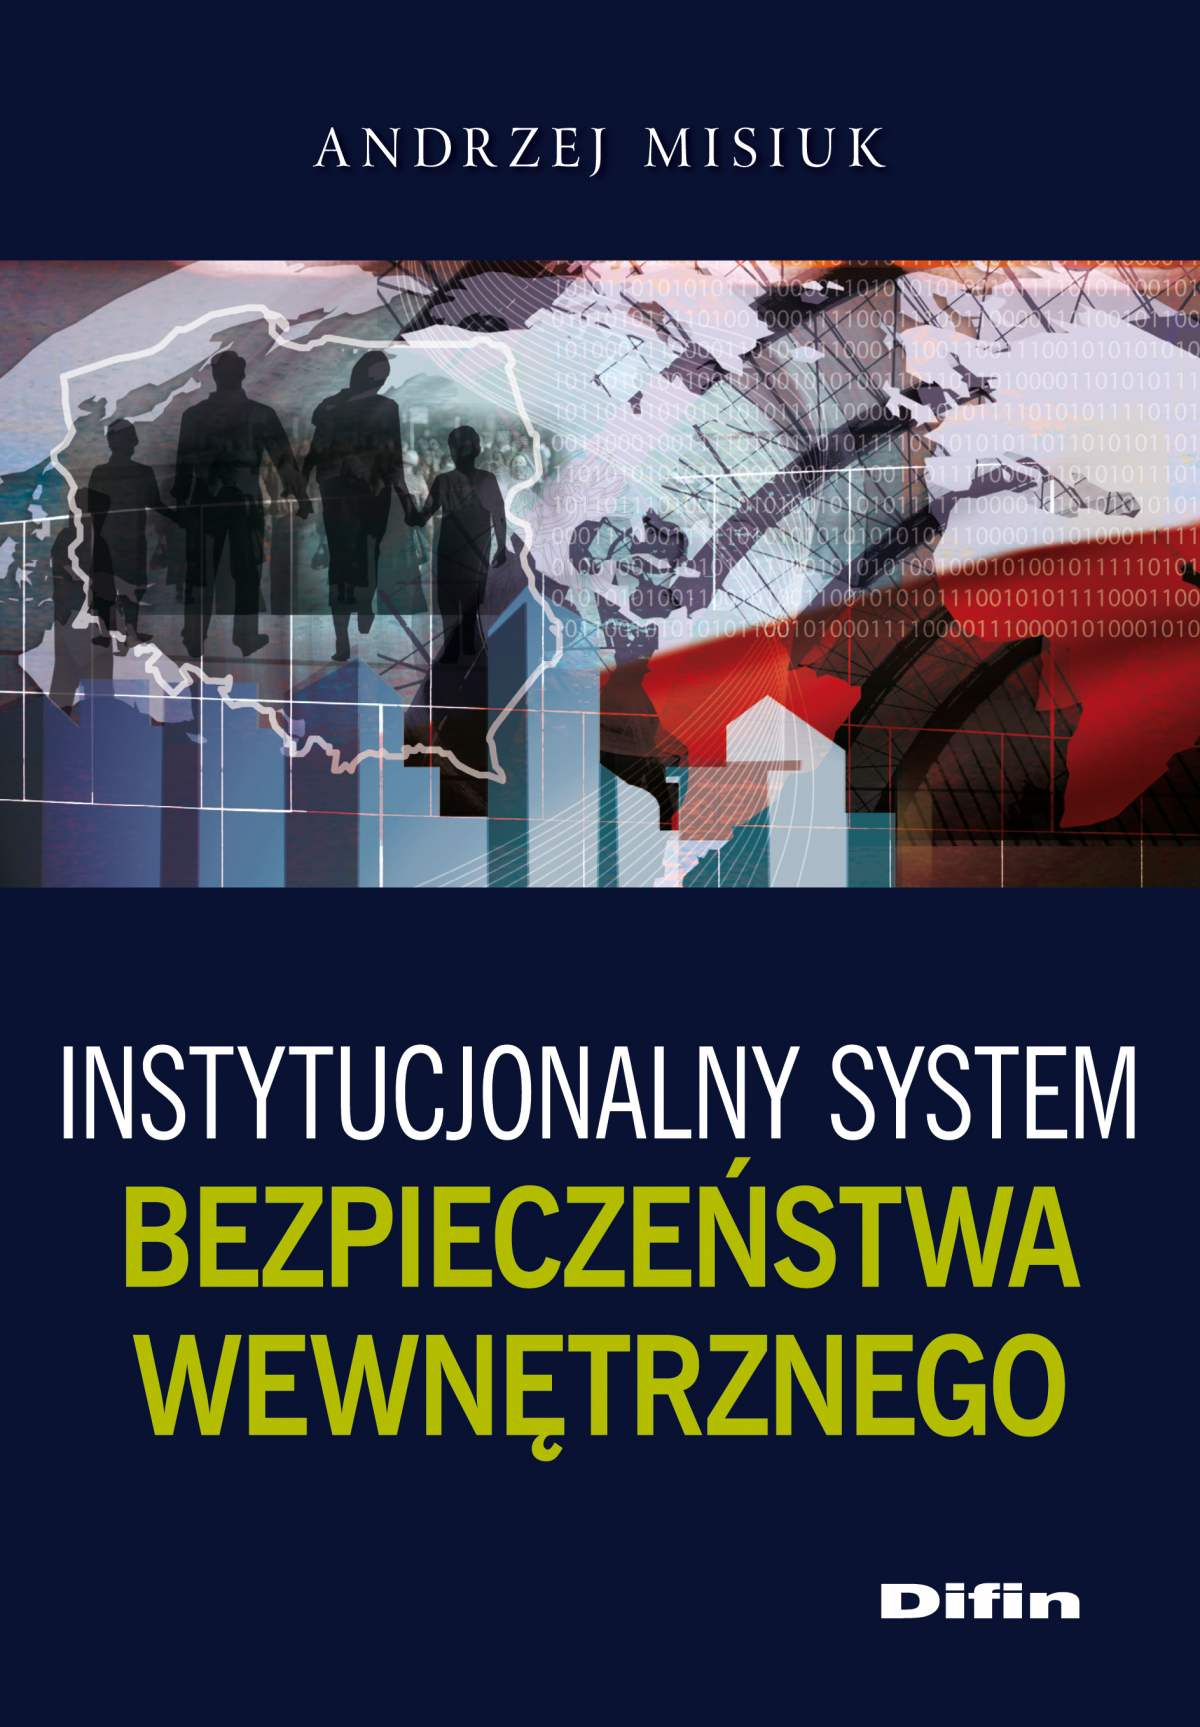 Instytucjonalny system bezpieczeństwa wewnętrznego - Ebook (Książka na Kindle) do pobrania w formacie MOBI